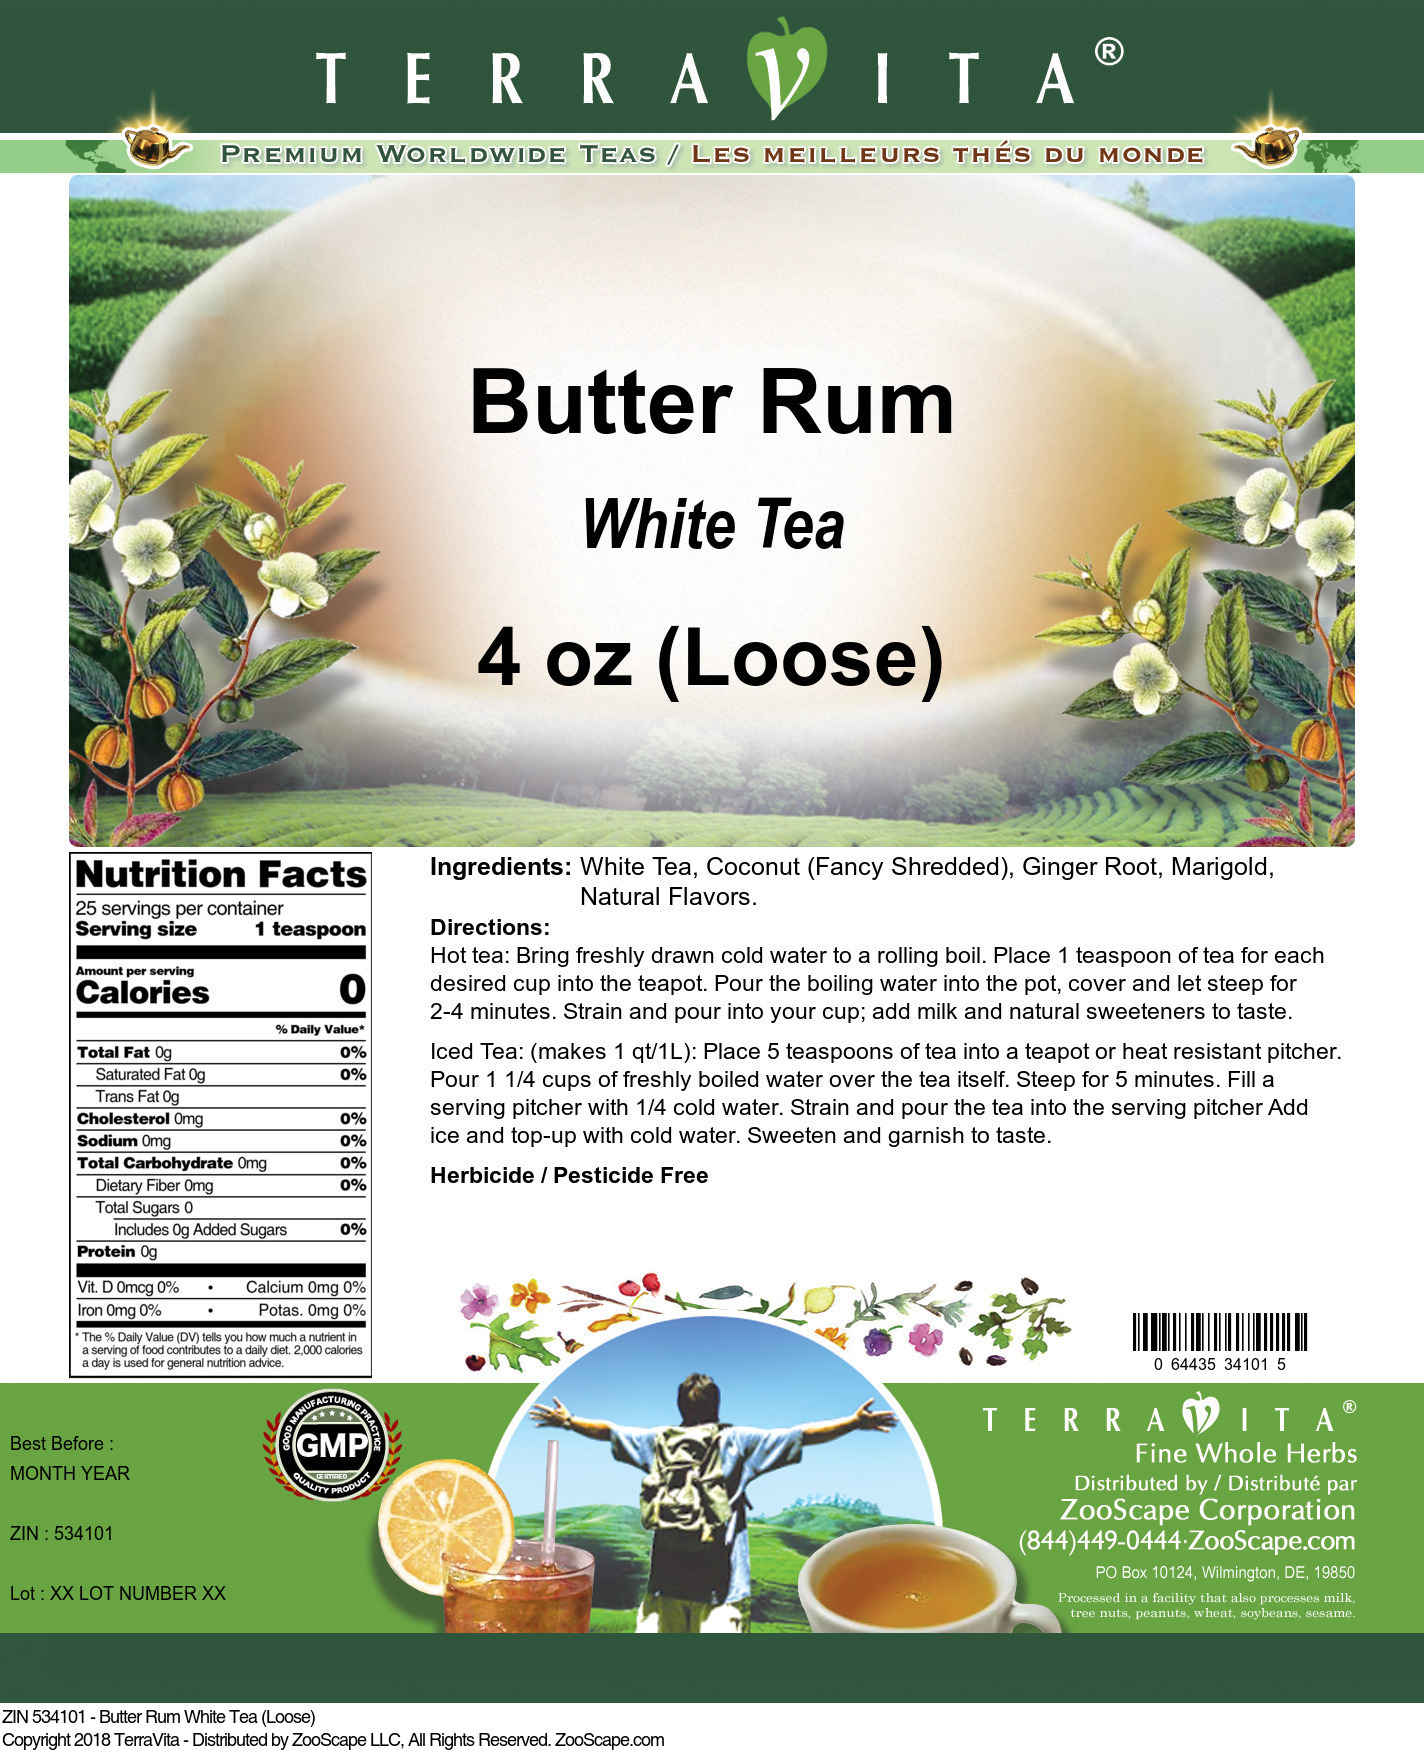 Butter Rum White Tea